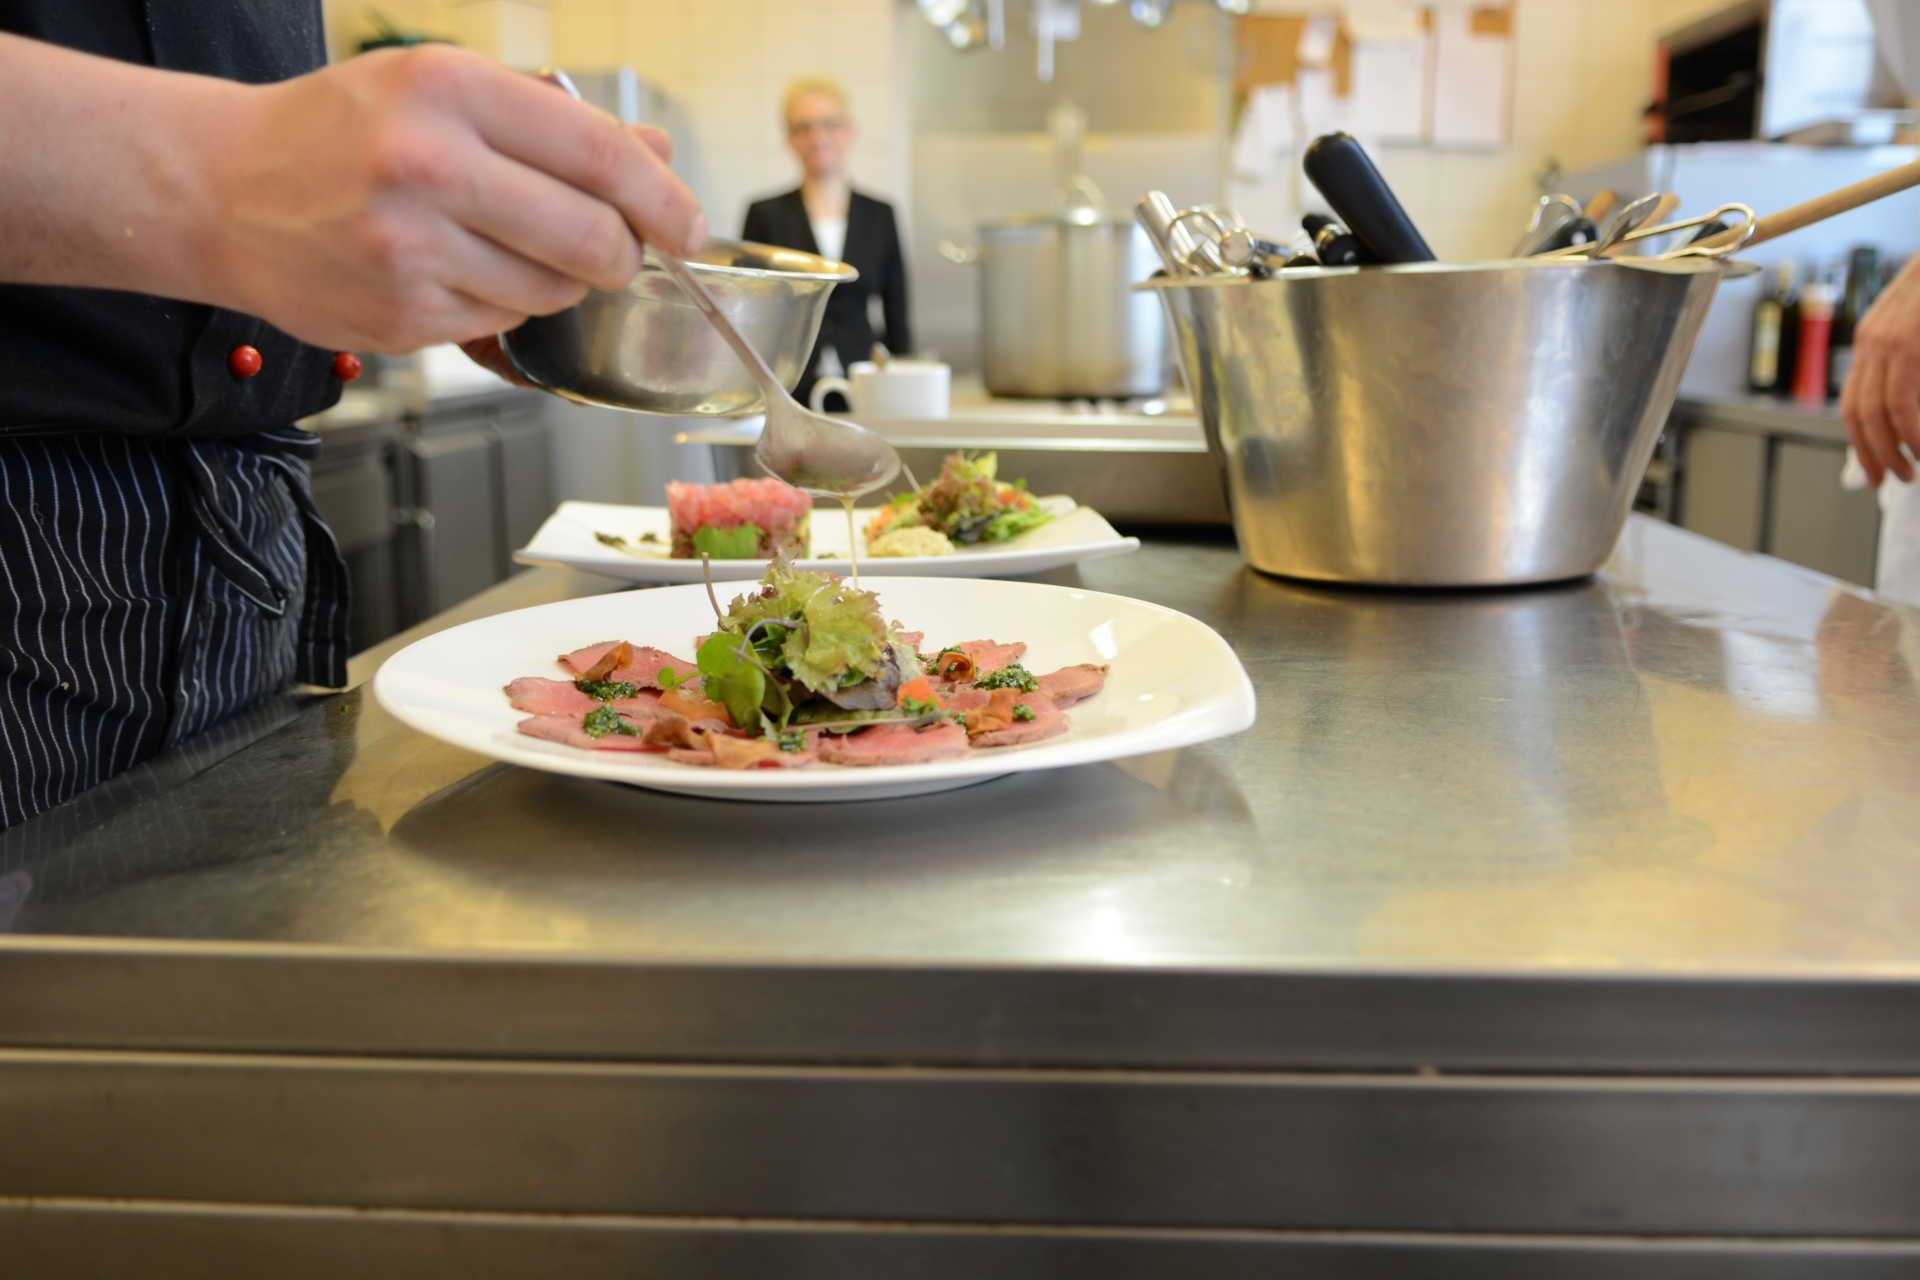 Anrichten der Gerichte in der Küche